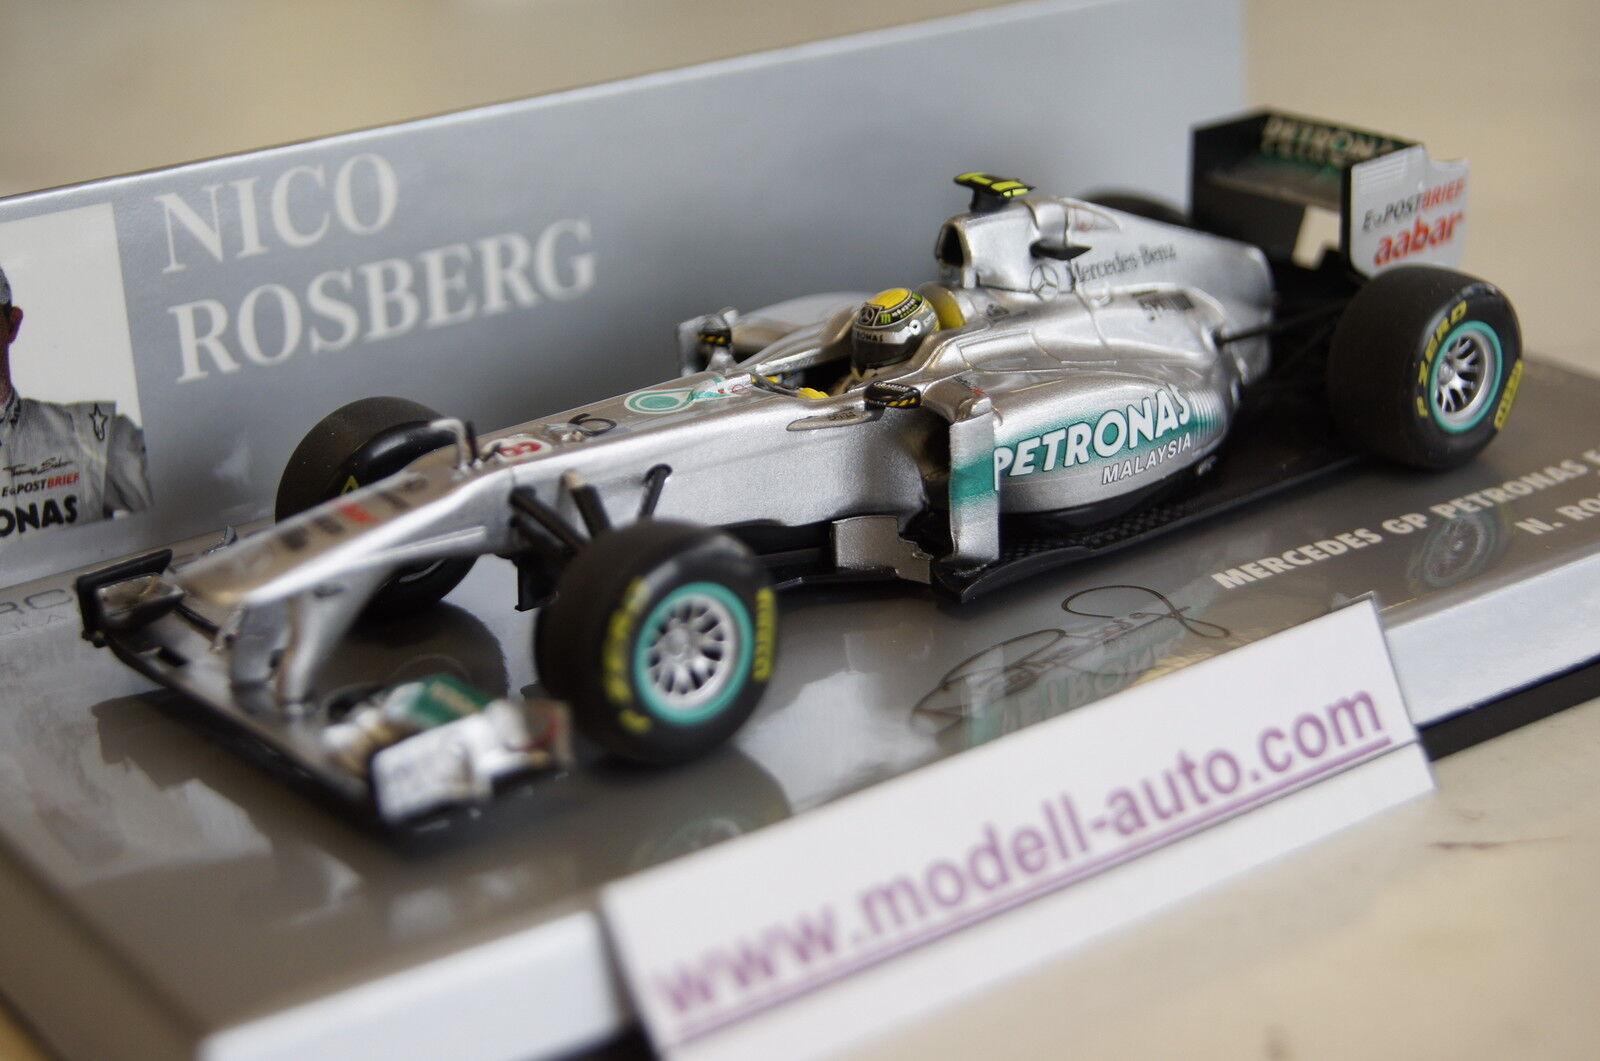 economico e di alta qualità Formula 1 2011 MERCEDES GP PETRONAS f1 f1 f1 squadra N. Rosberg 1 43 Minichamps NUOVO & OVP  fino al 60% di sconto